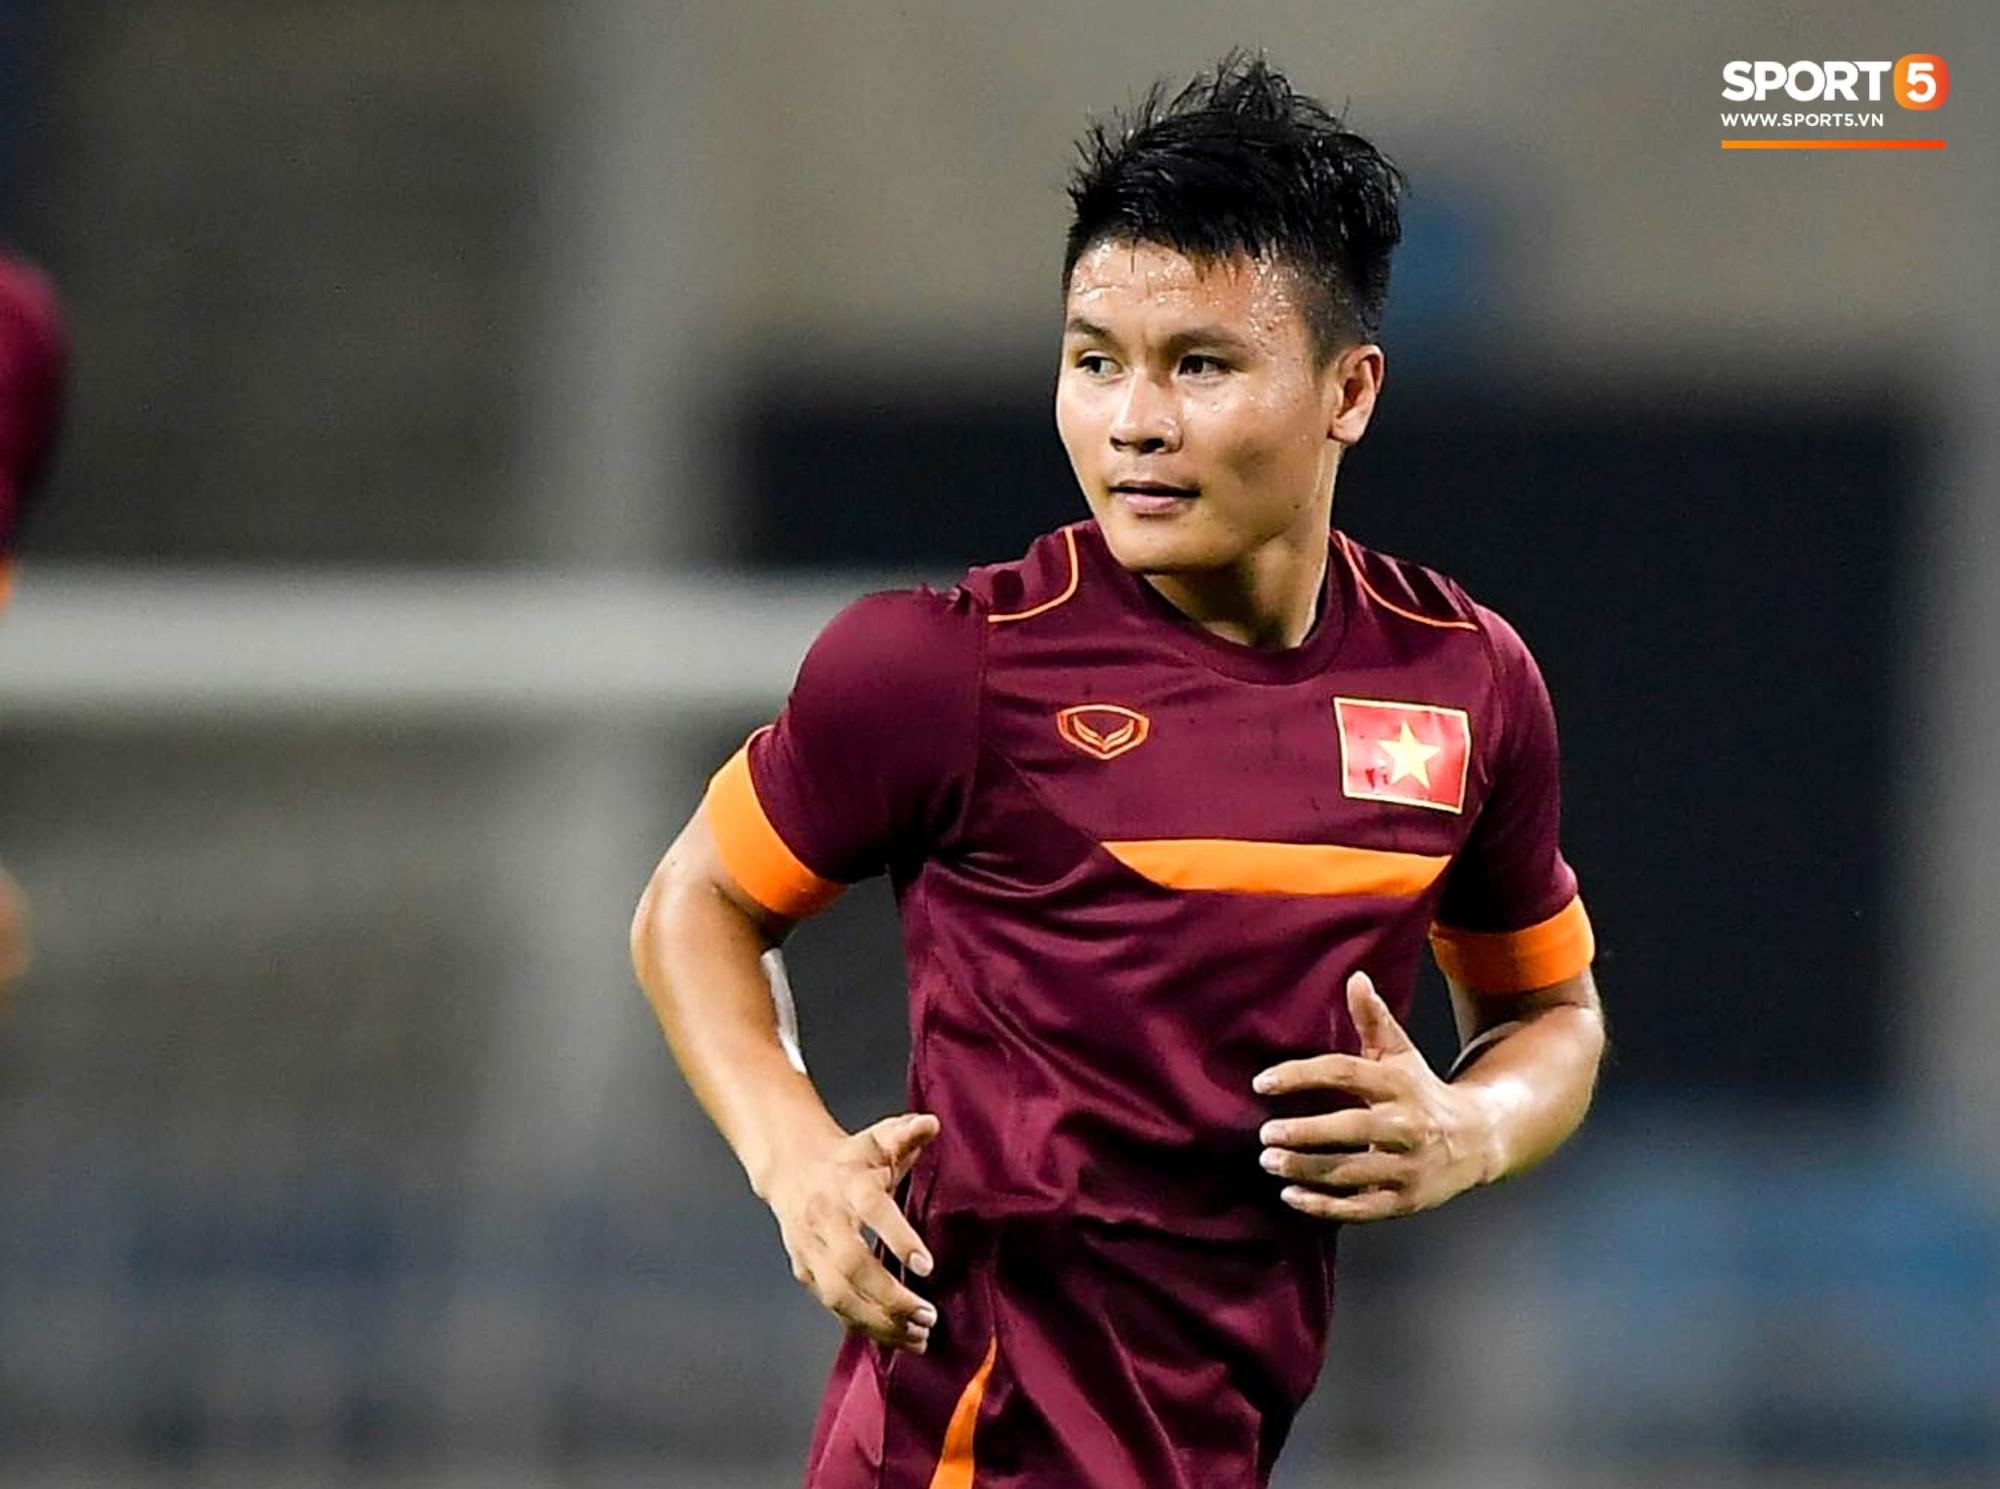 Tuyển thủ Việt Nam mặc áo cũ, không in số gây tò mò ở buổi tập áp chót trước trận chiến với Malaysia - Ảnh 2.